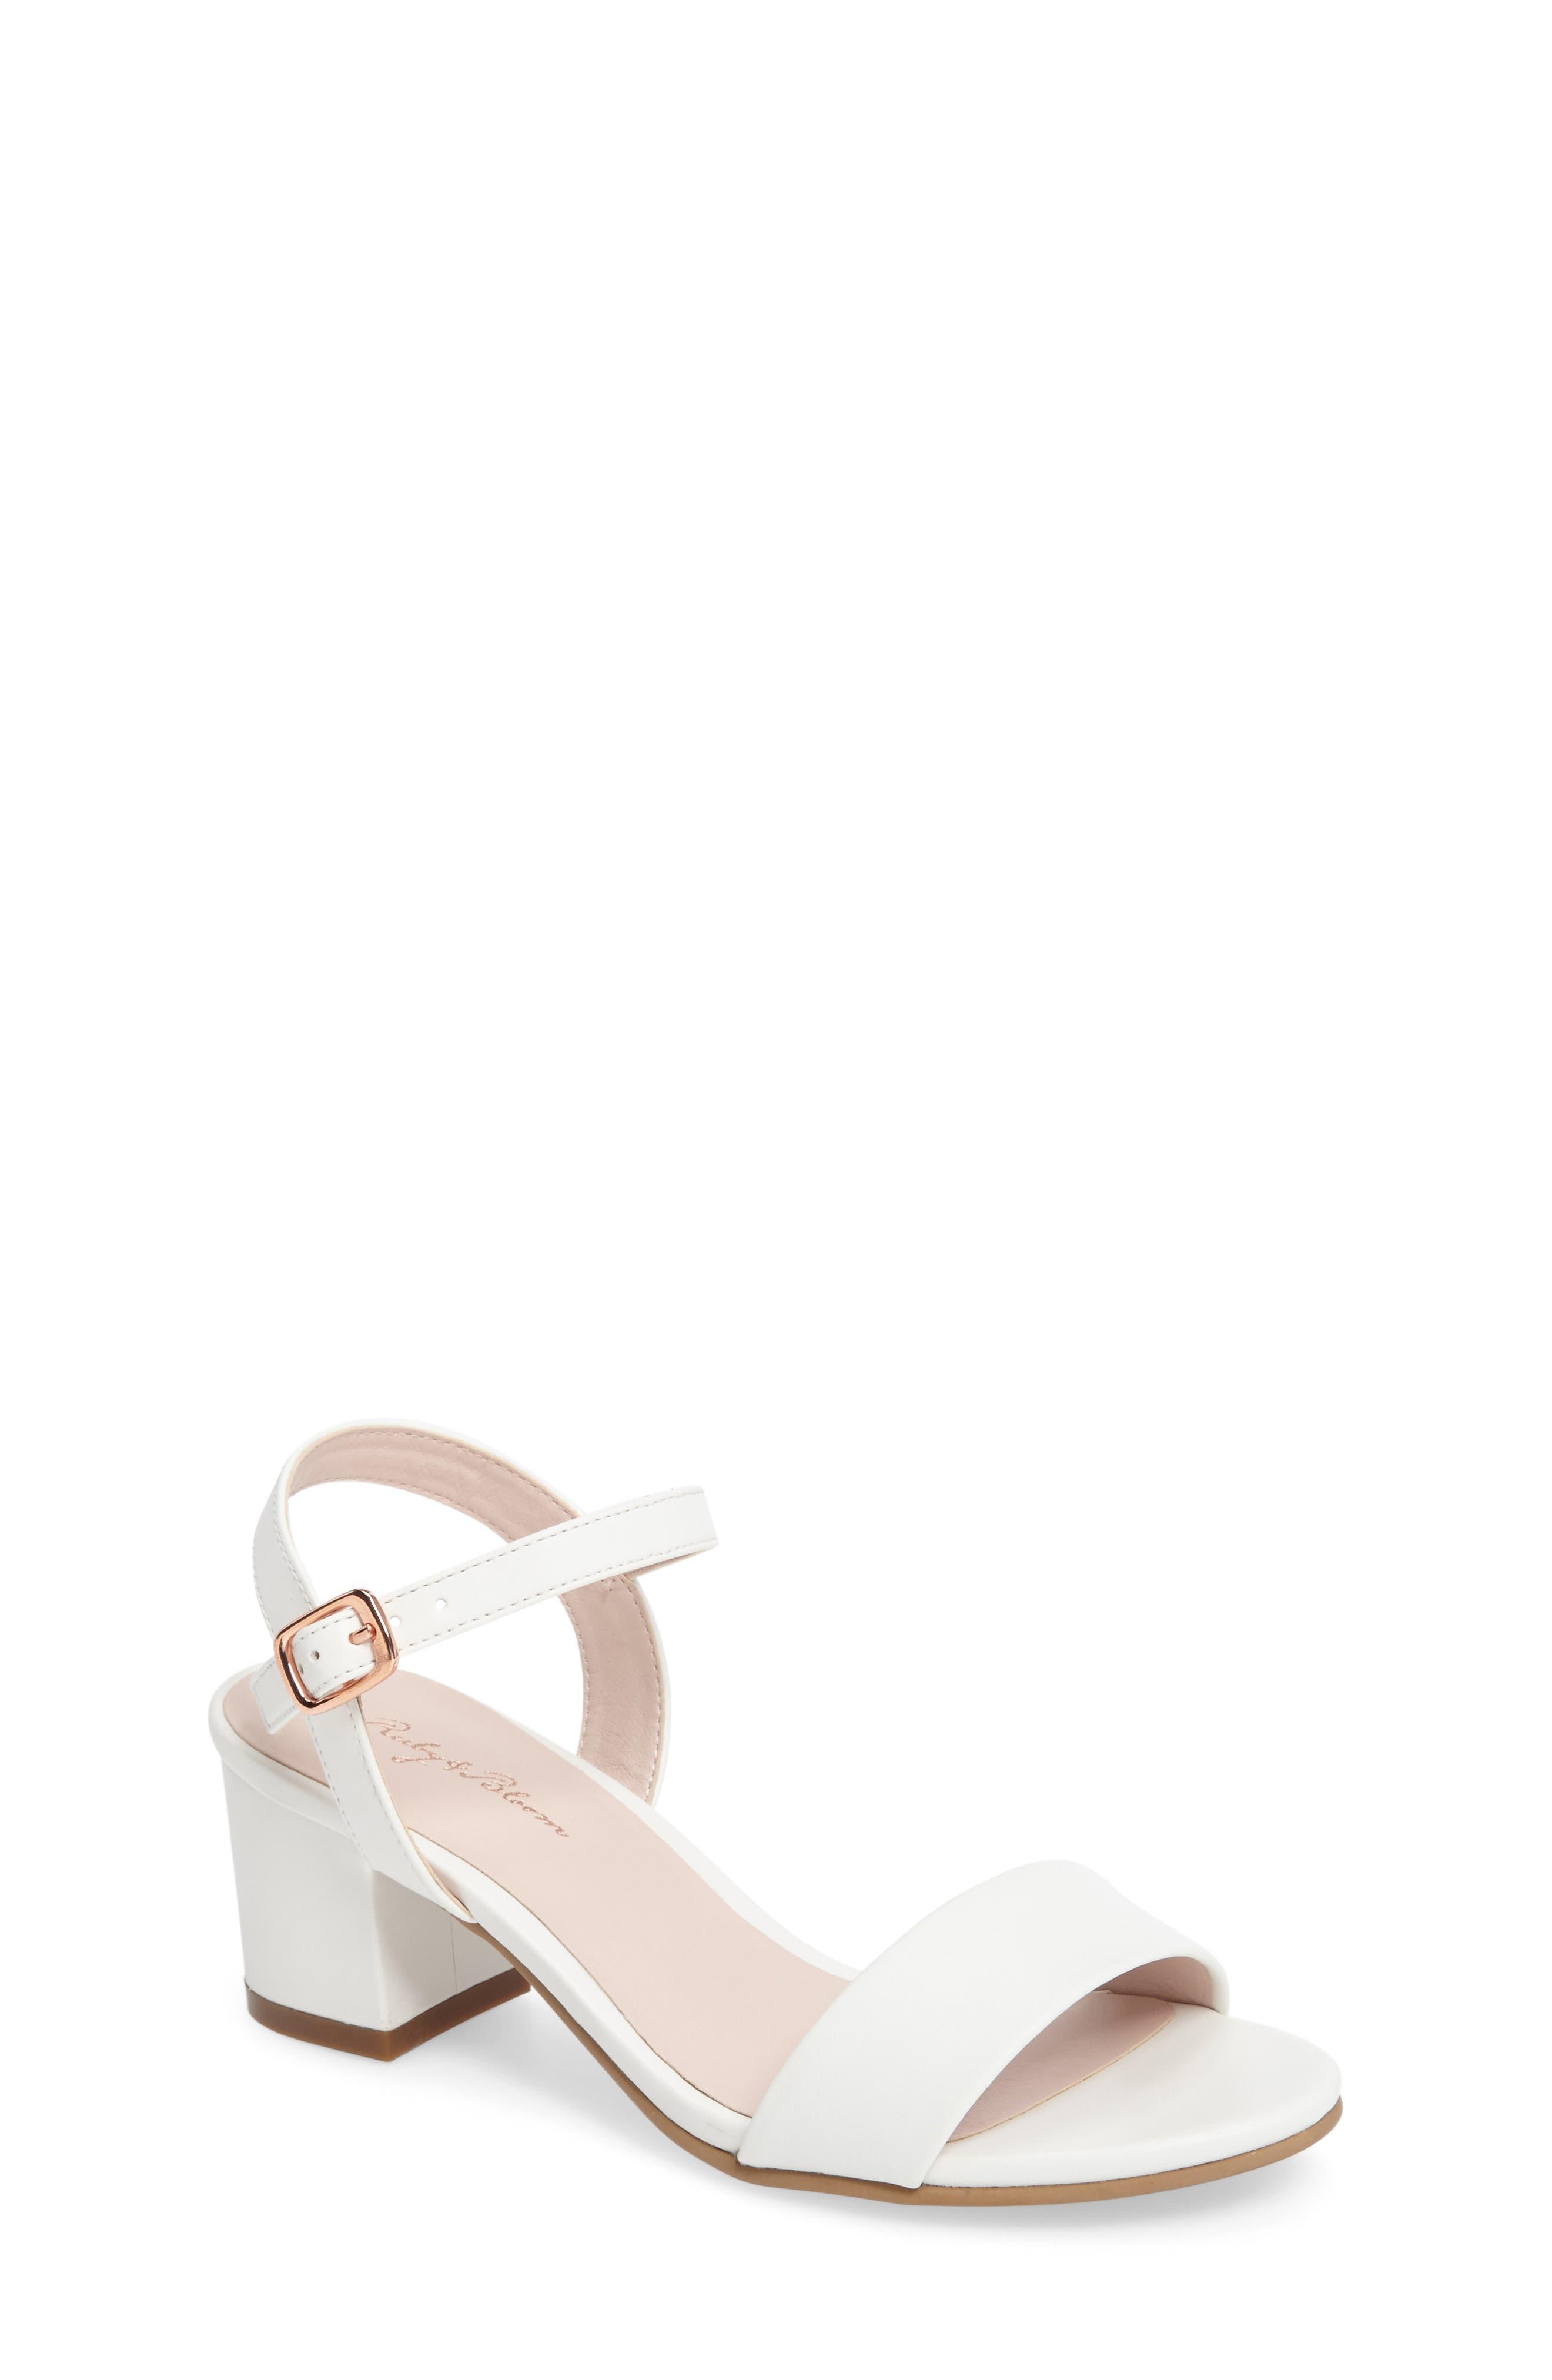 Danni Block Heel Sandal,                         Main,                         color, WHITE FAUX LEATHER